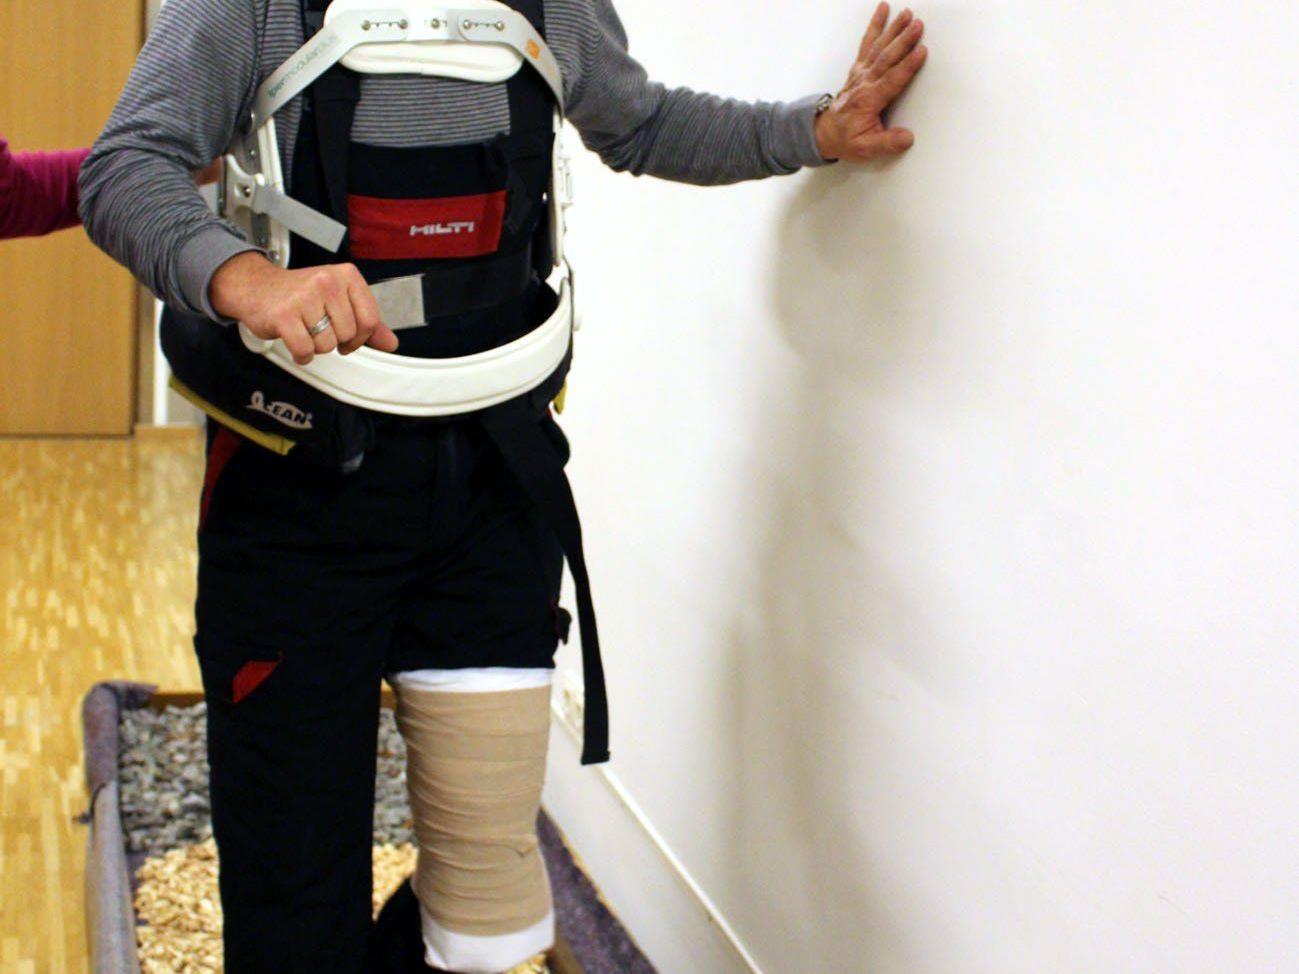 Markus Jussel, Pflegehelfer im SeneCura Laurentius-Park Bludenz, wollte wissen, wie sich der Bewegungsapparat und die Bewegungsabläufe im Alter verändern.